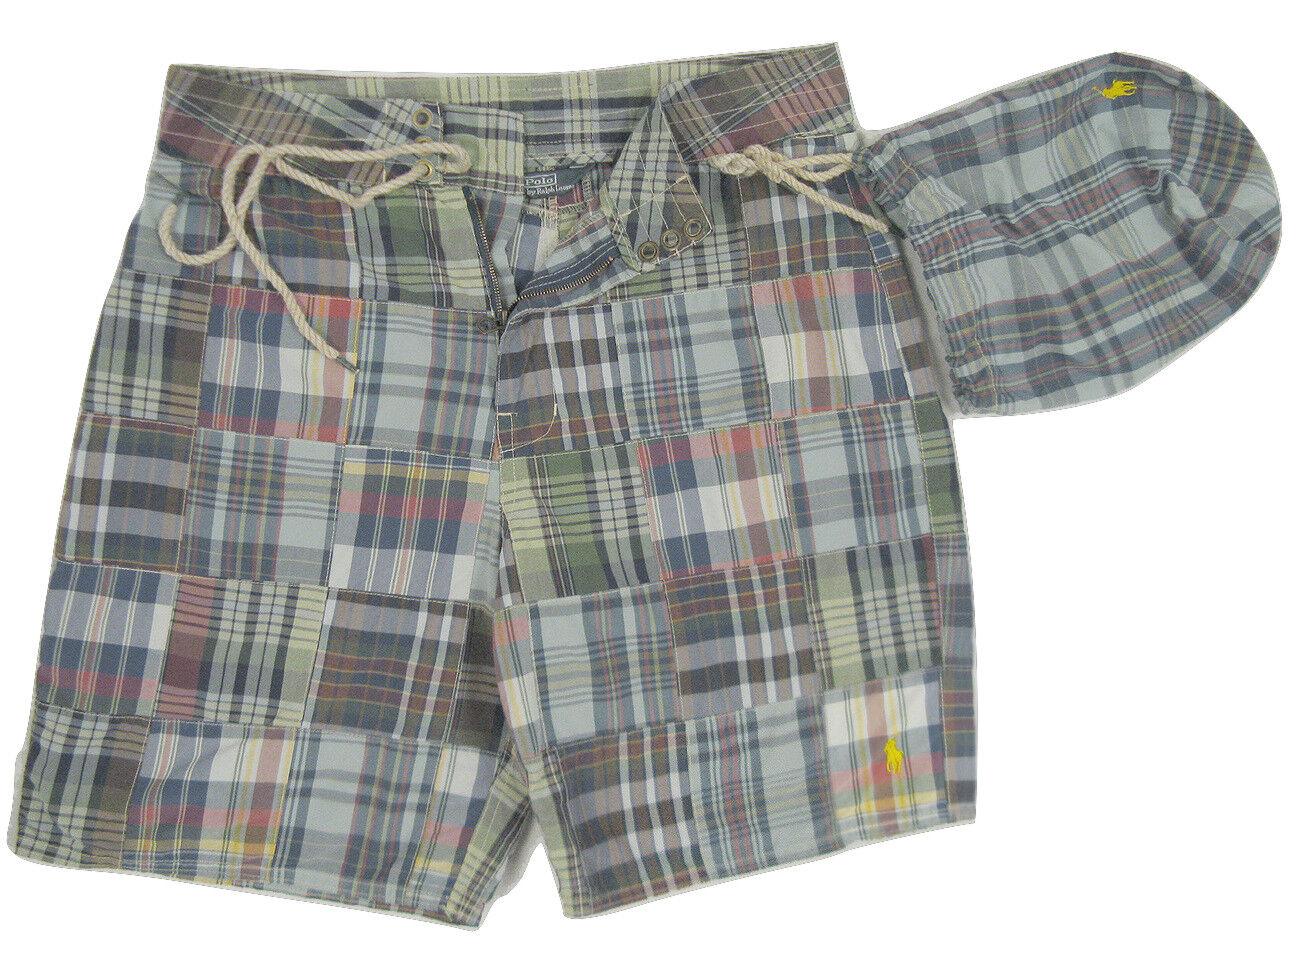 NEW   Polo Ralph Lauren Patchwork Plaid Swim Shorts (Bathing Suit) & Bag   40